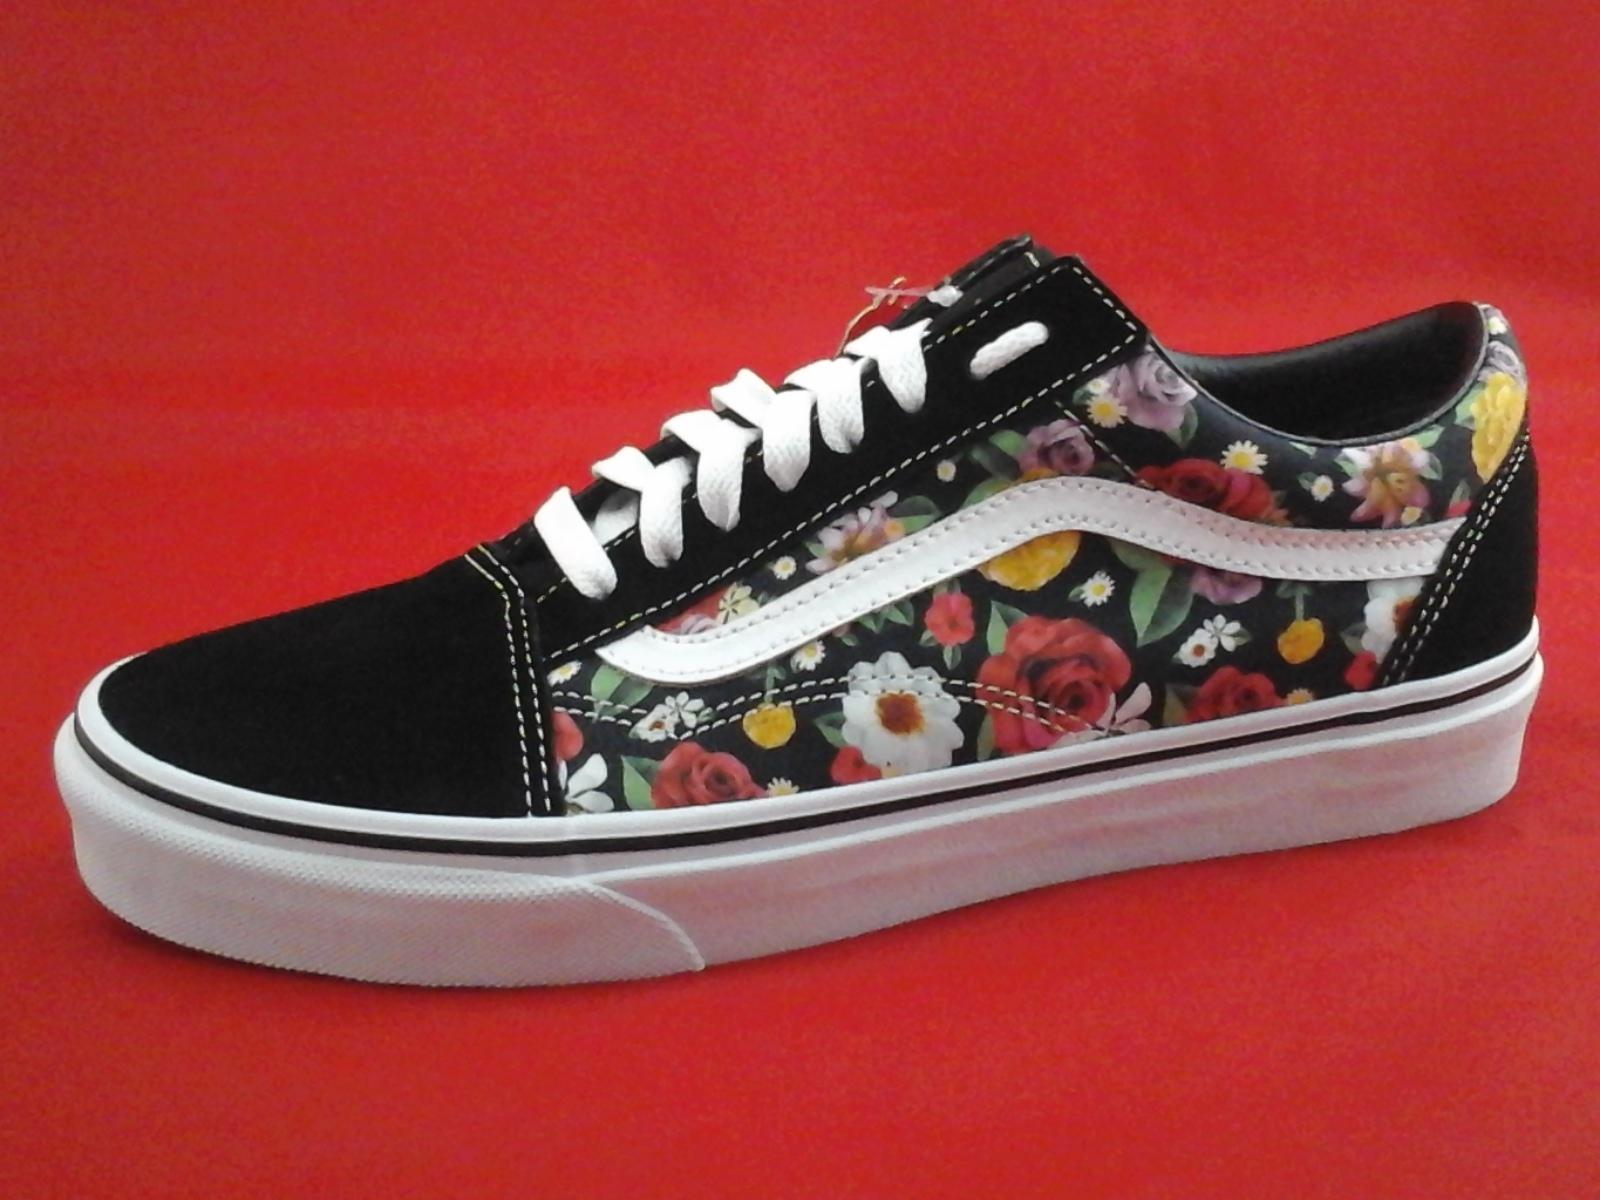 Details about VANS Shoes Black Roses Floral Old Skool Skate Unisex Mens 9  Womens 10.5 New b79f7e3ef6